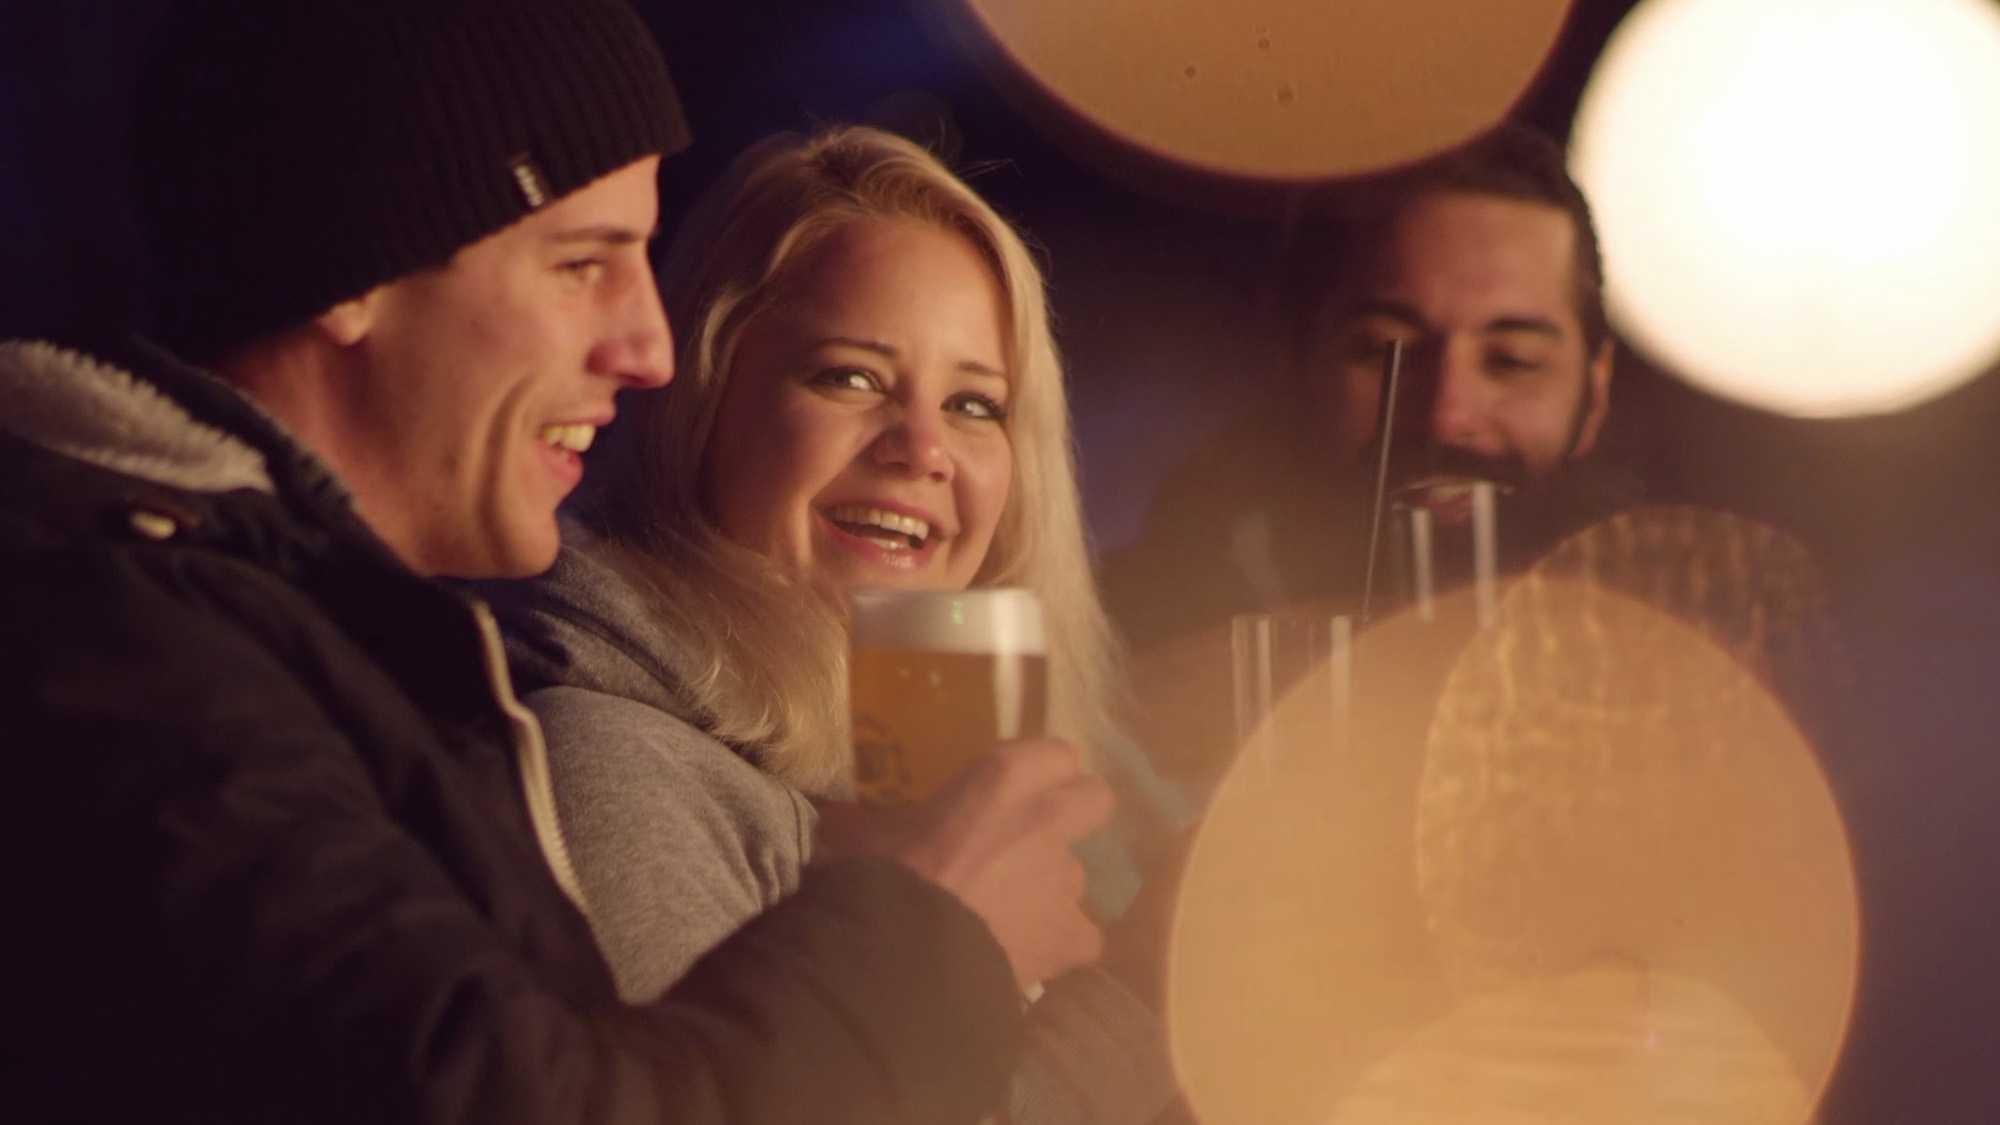 Das Bild zeigt eine Gruppe von Menschen. Zwei Männer sitzen neben einer Frau. Sie stoßen alle gegenseitig mit Bier an. Über dem Bild sieht man einzelne Lichtpunkte. Das Bild dient als Making Of Bild für den Portfolioeintrag Bayerntourismus Wintercamping in Bayern von Panda Picutres.